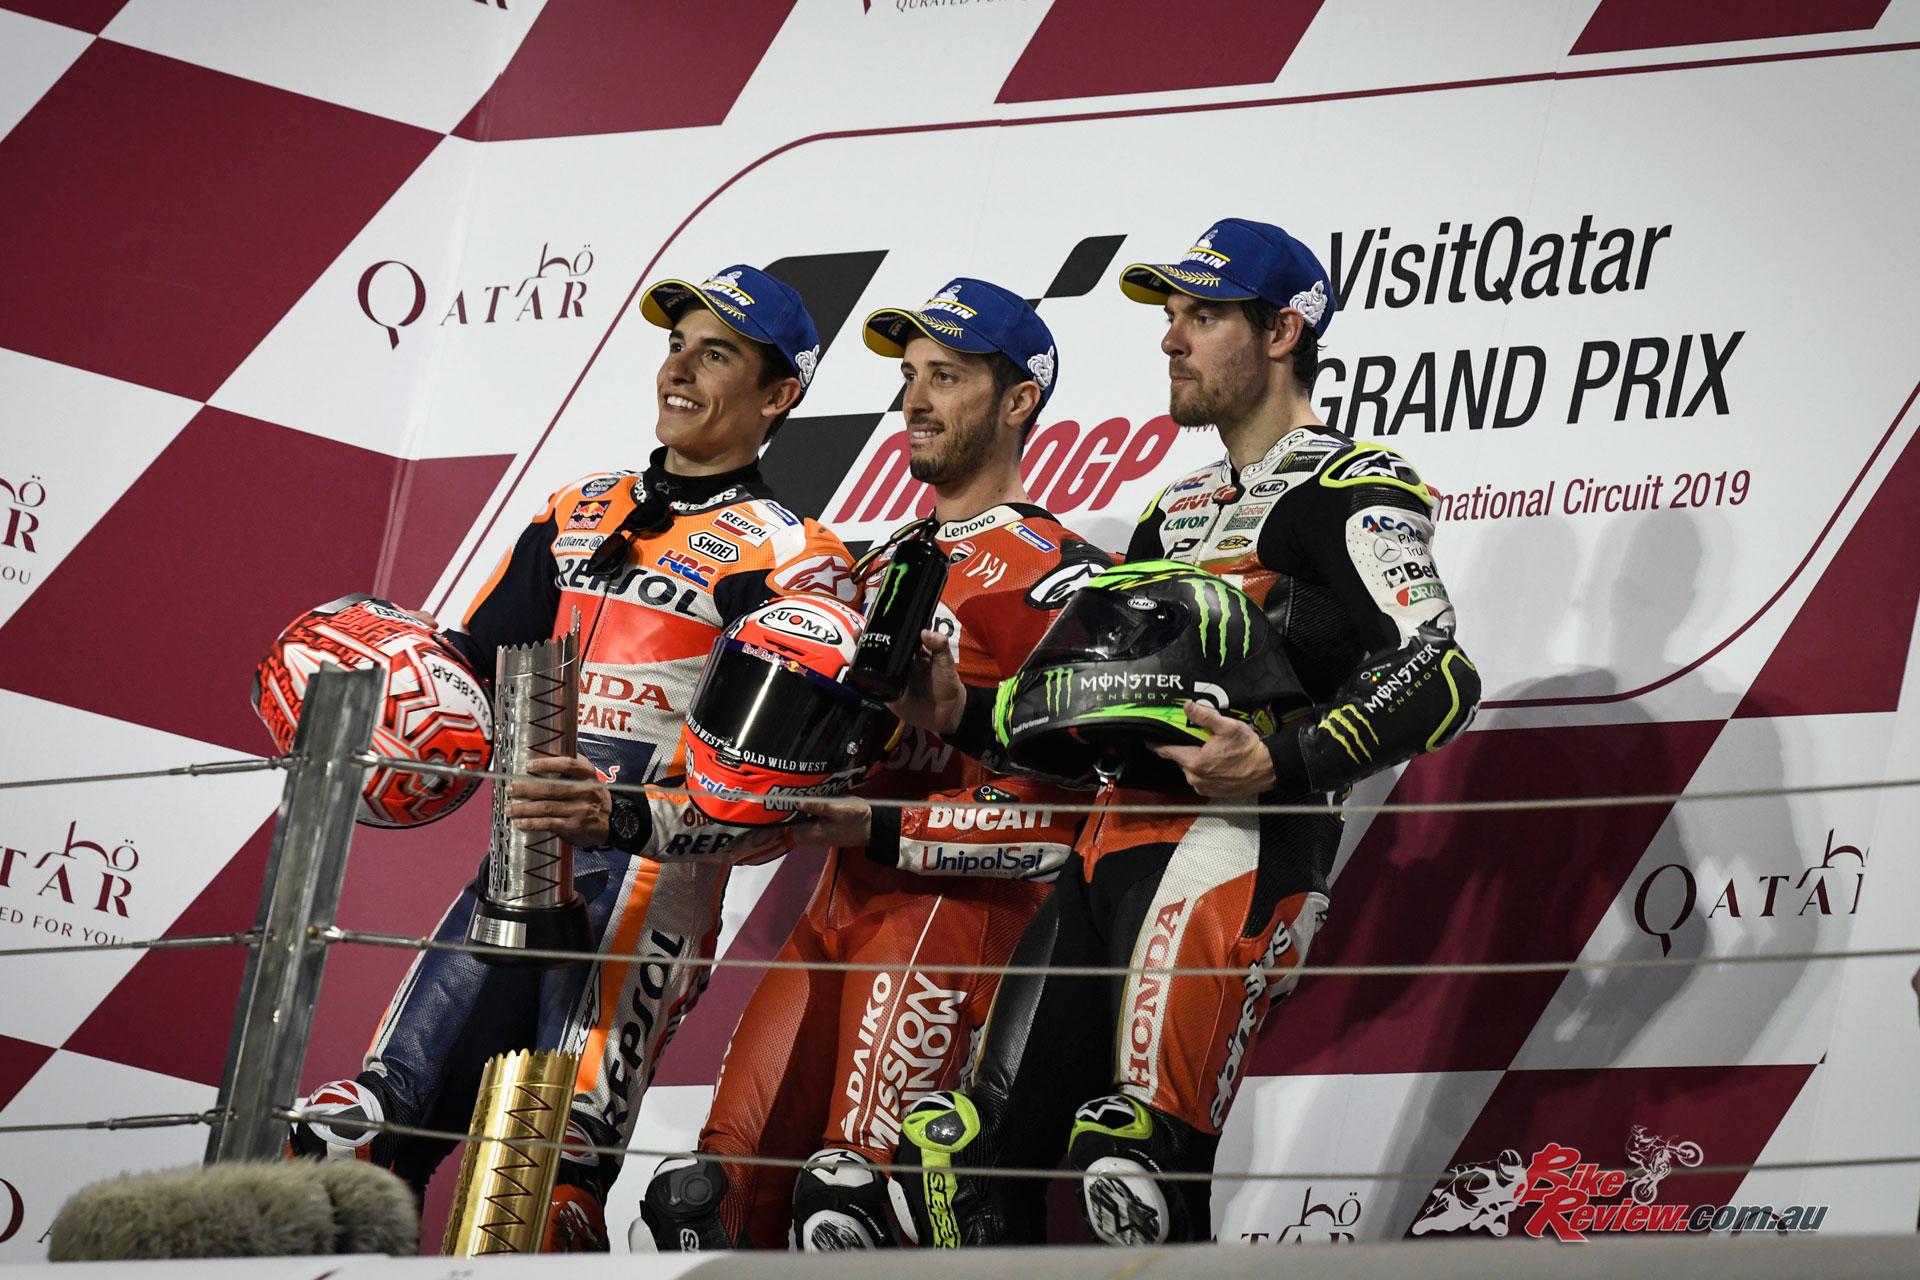 MotoGP Podium - Qatar MotoGP - Round 1, 2019